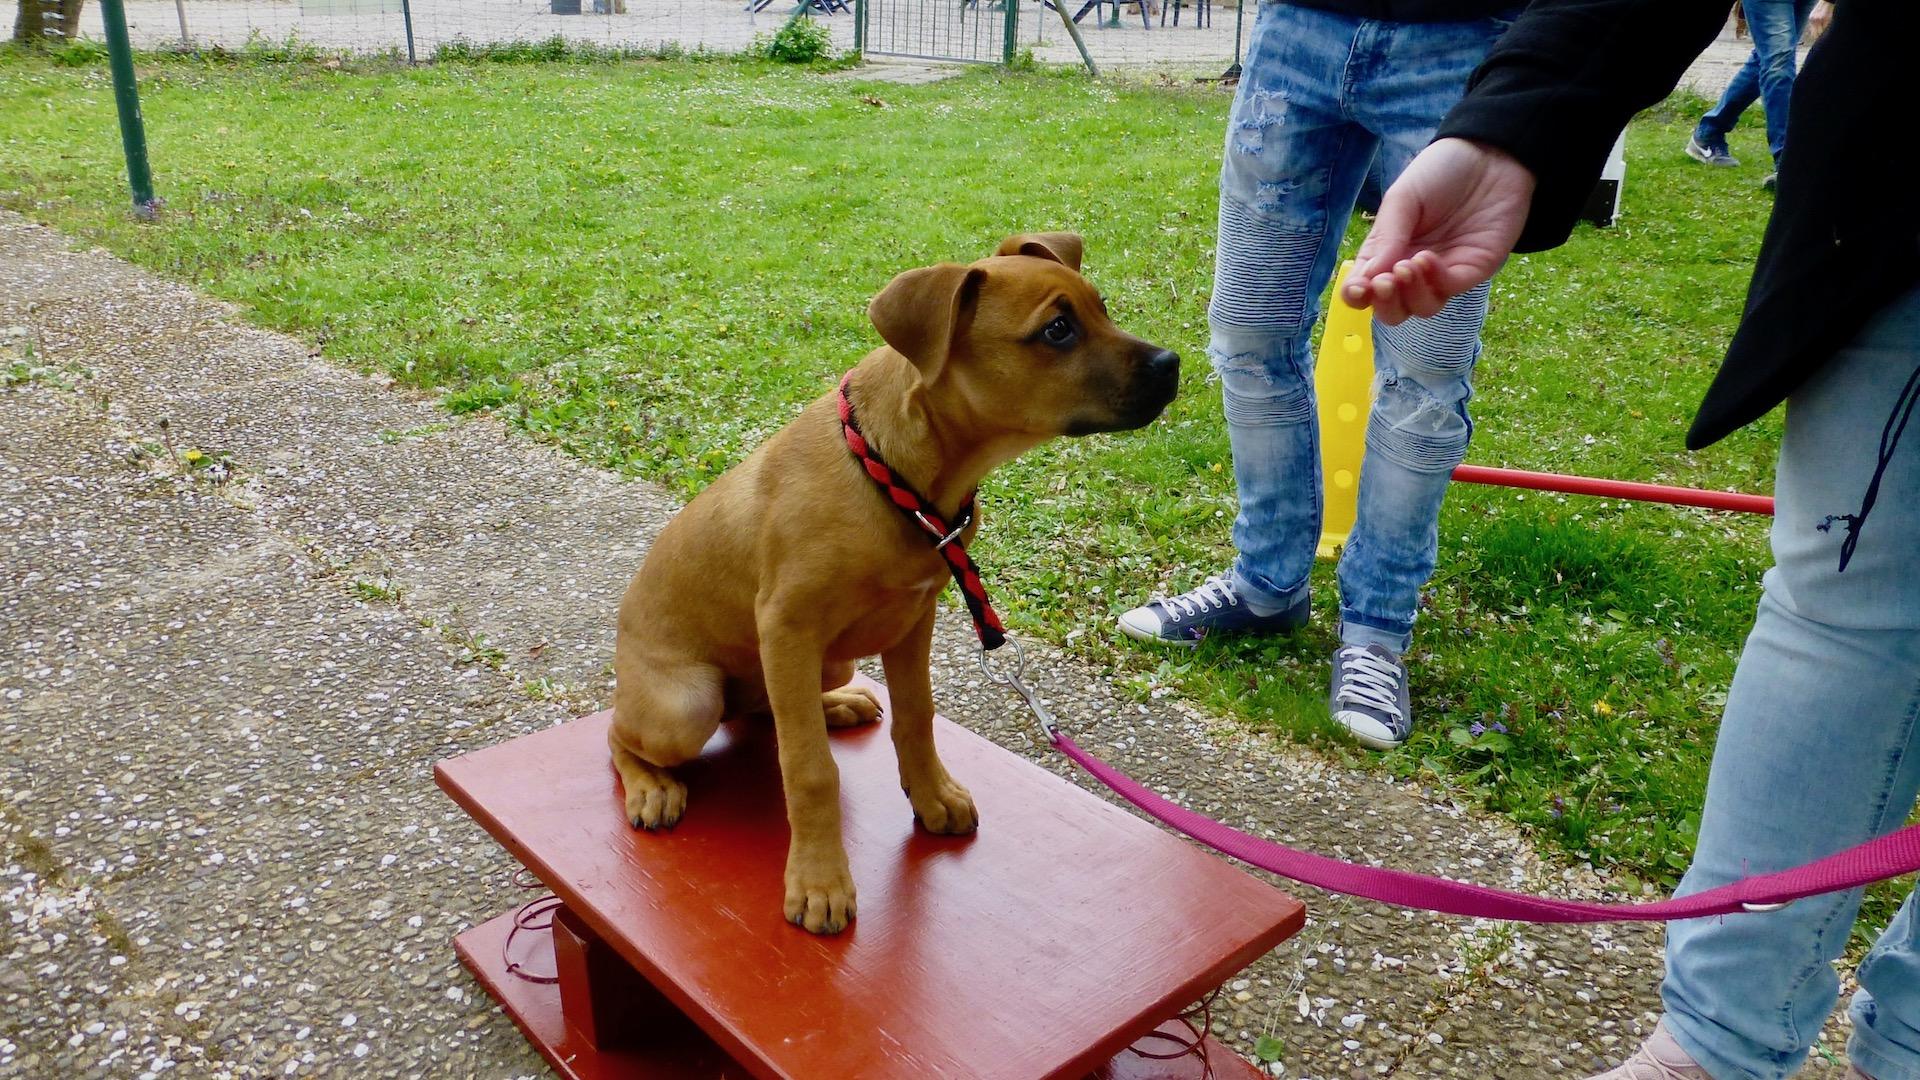 Anmeldung zum  KIDS 'N' DOGS – Workshop Sommerferien 2019